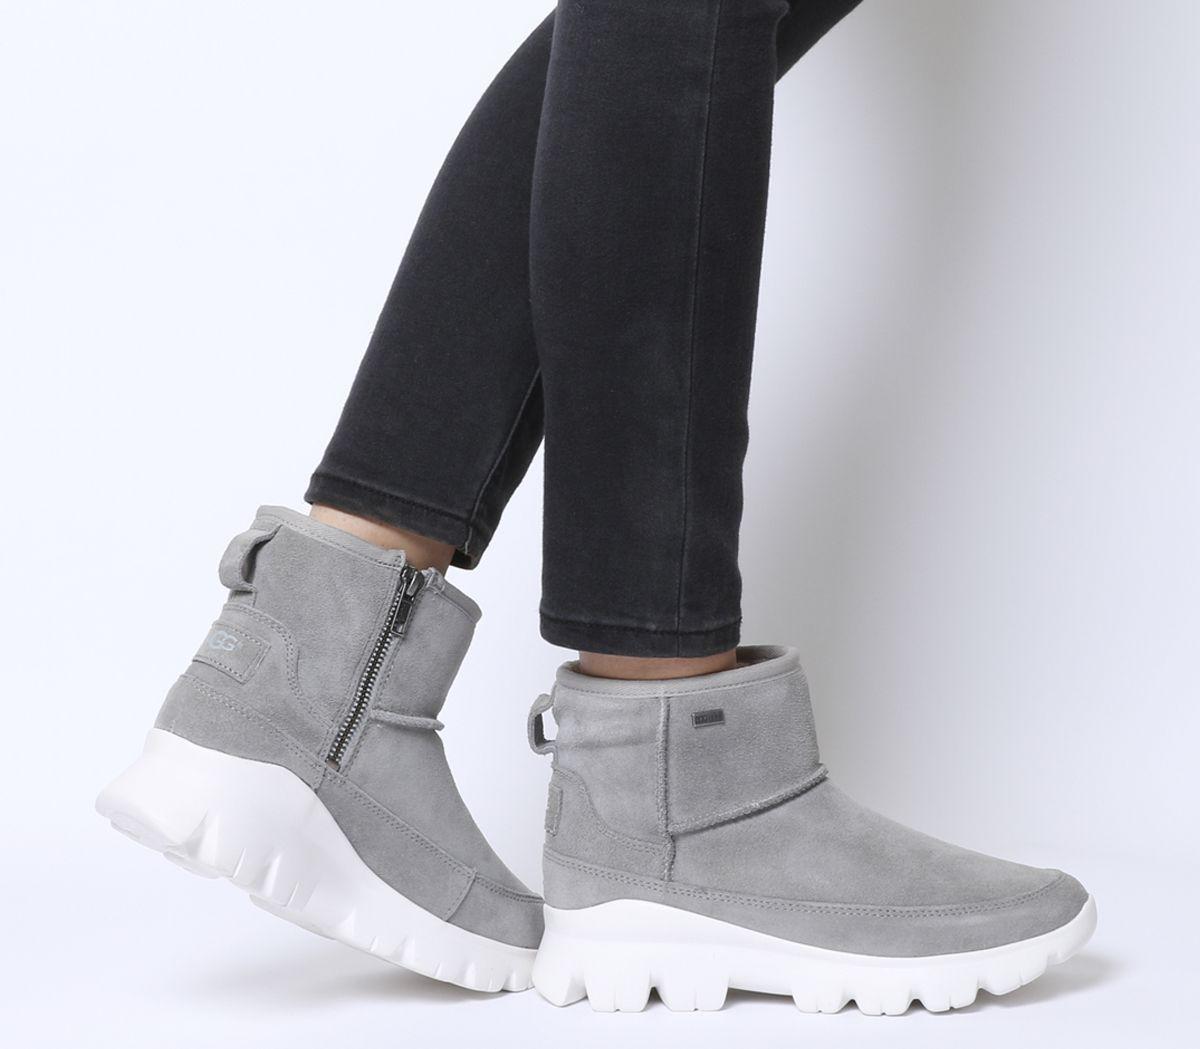 4b637b89f92 Palomar Sneaker Boots